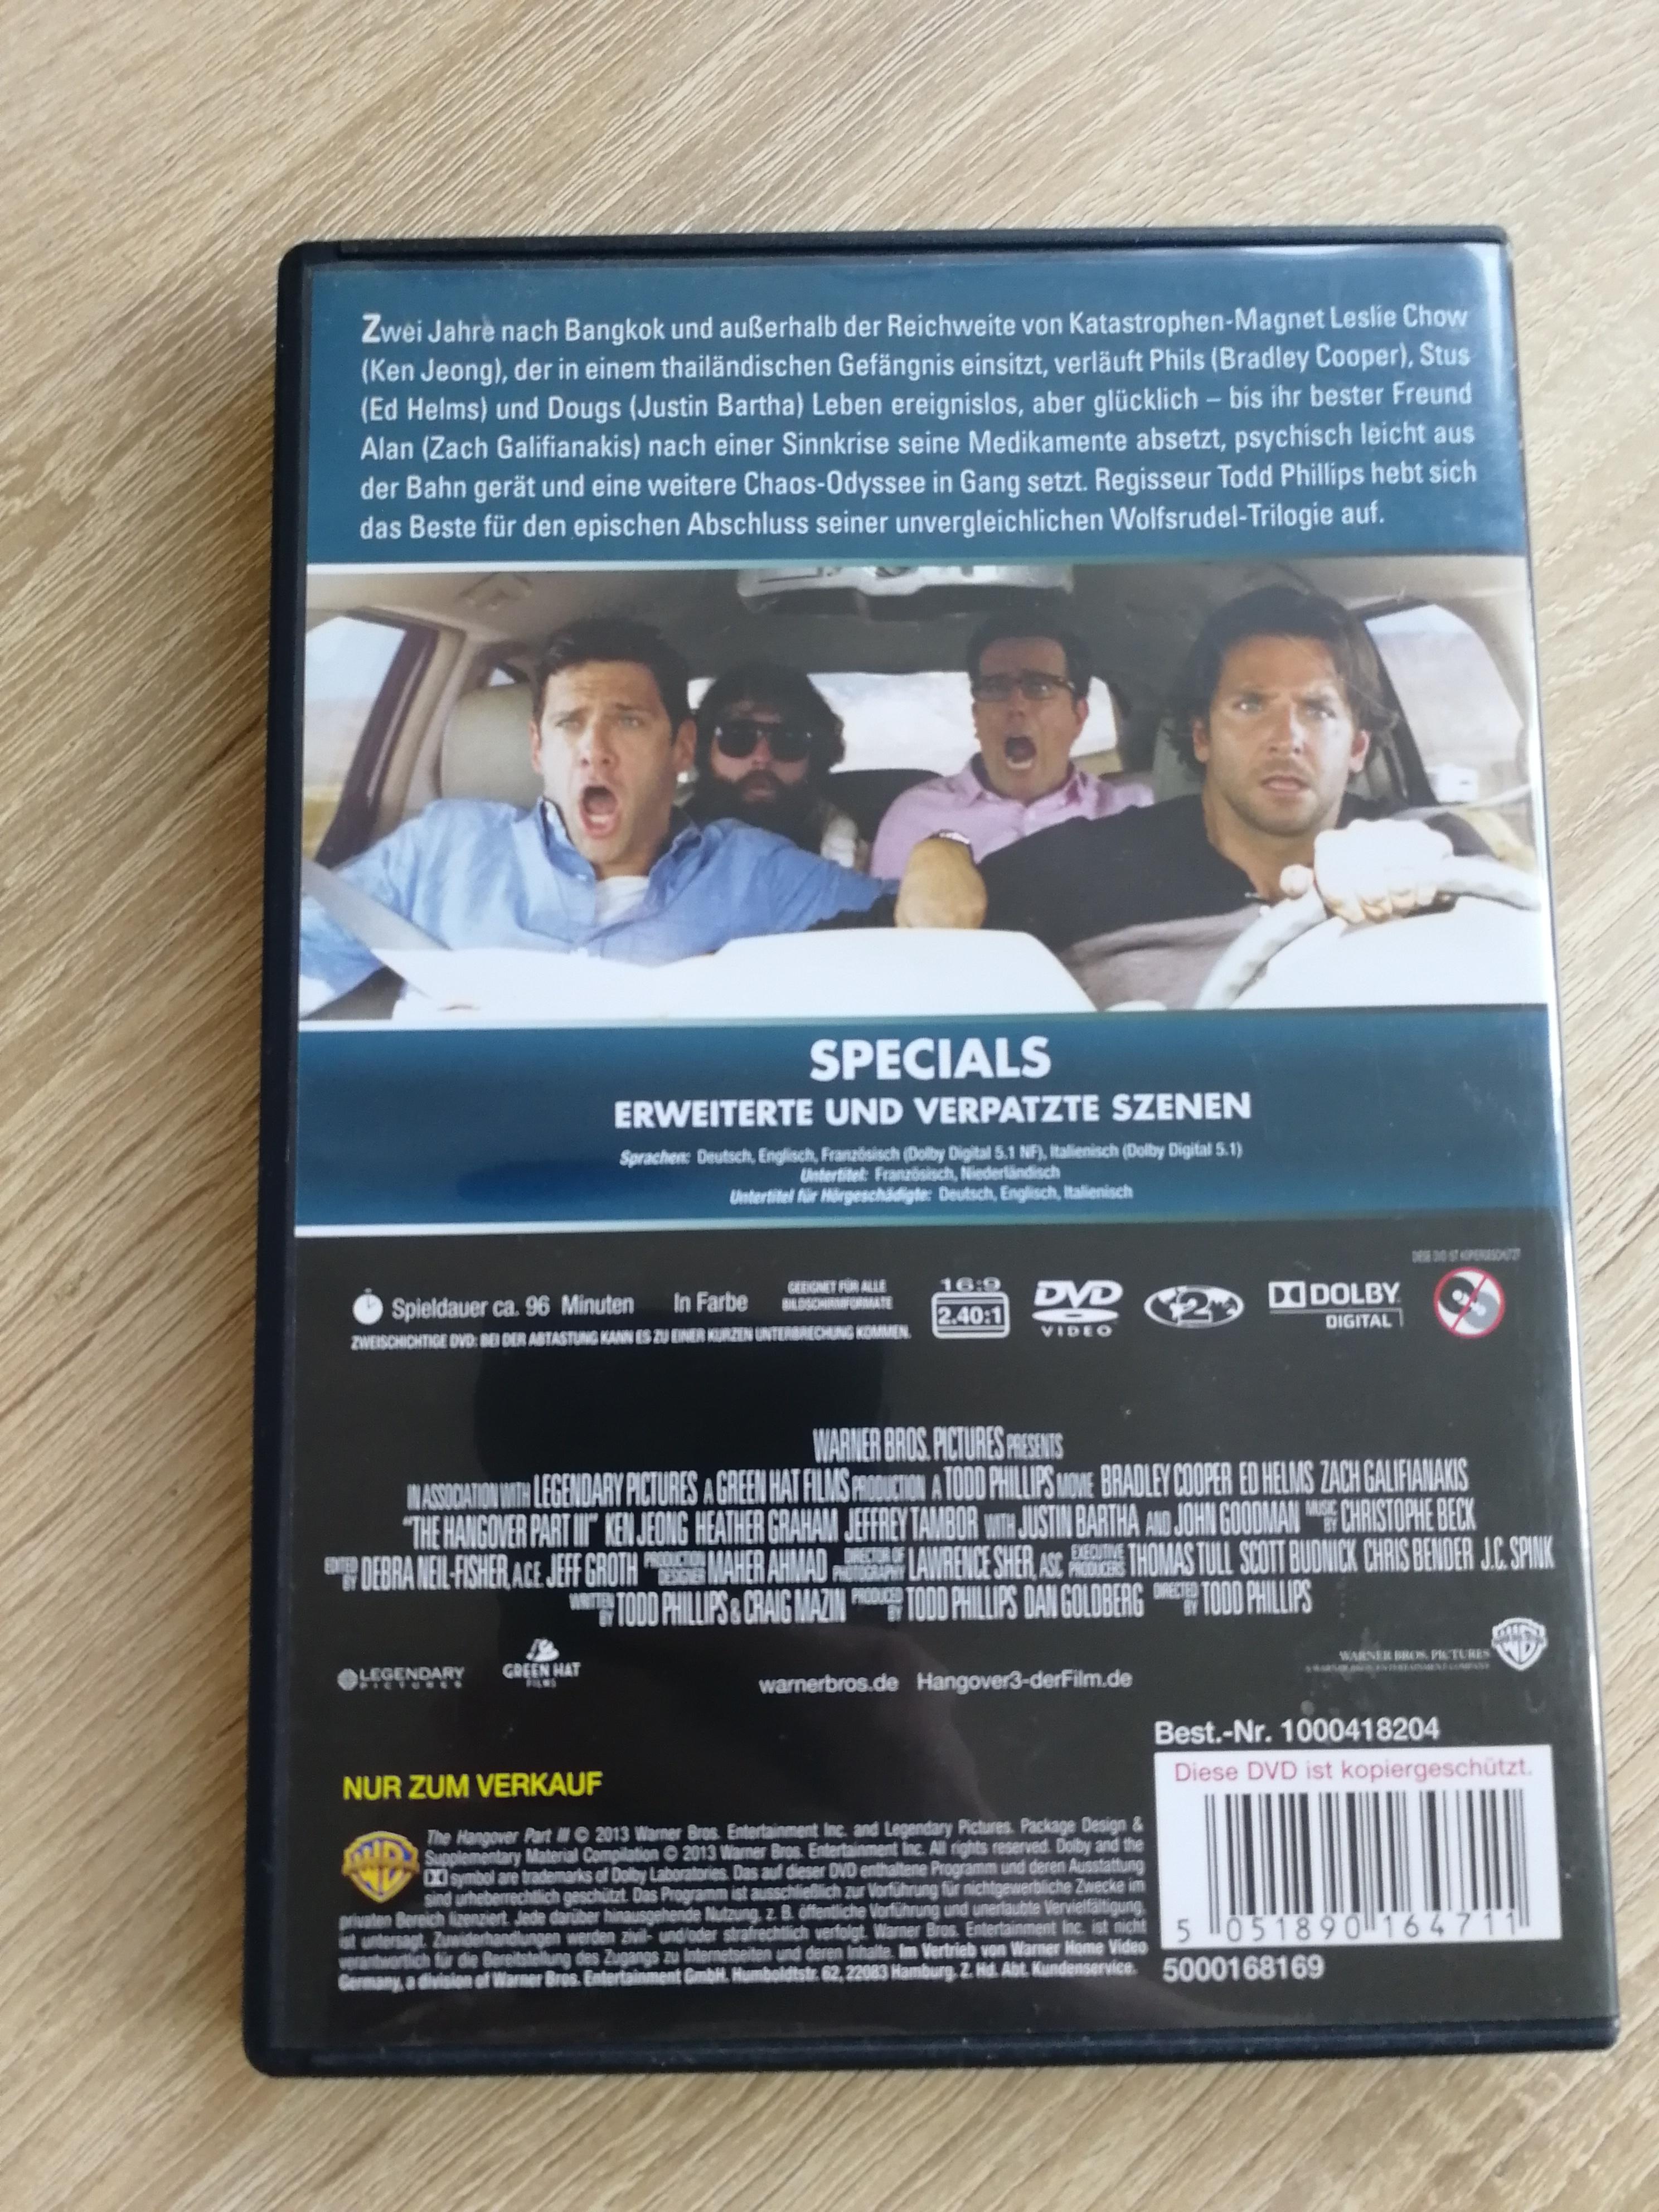 DVD Hangover 3 kostenlos